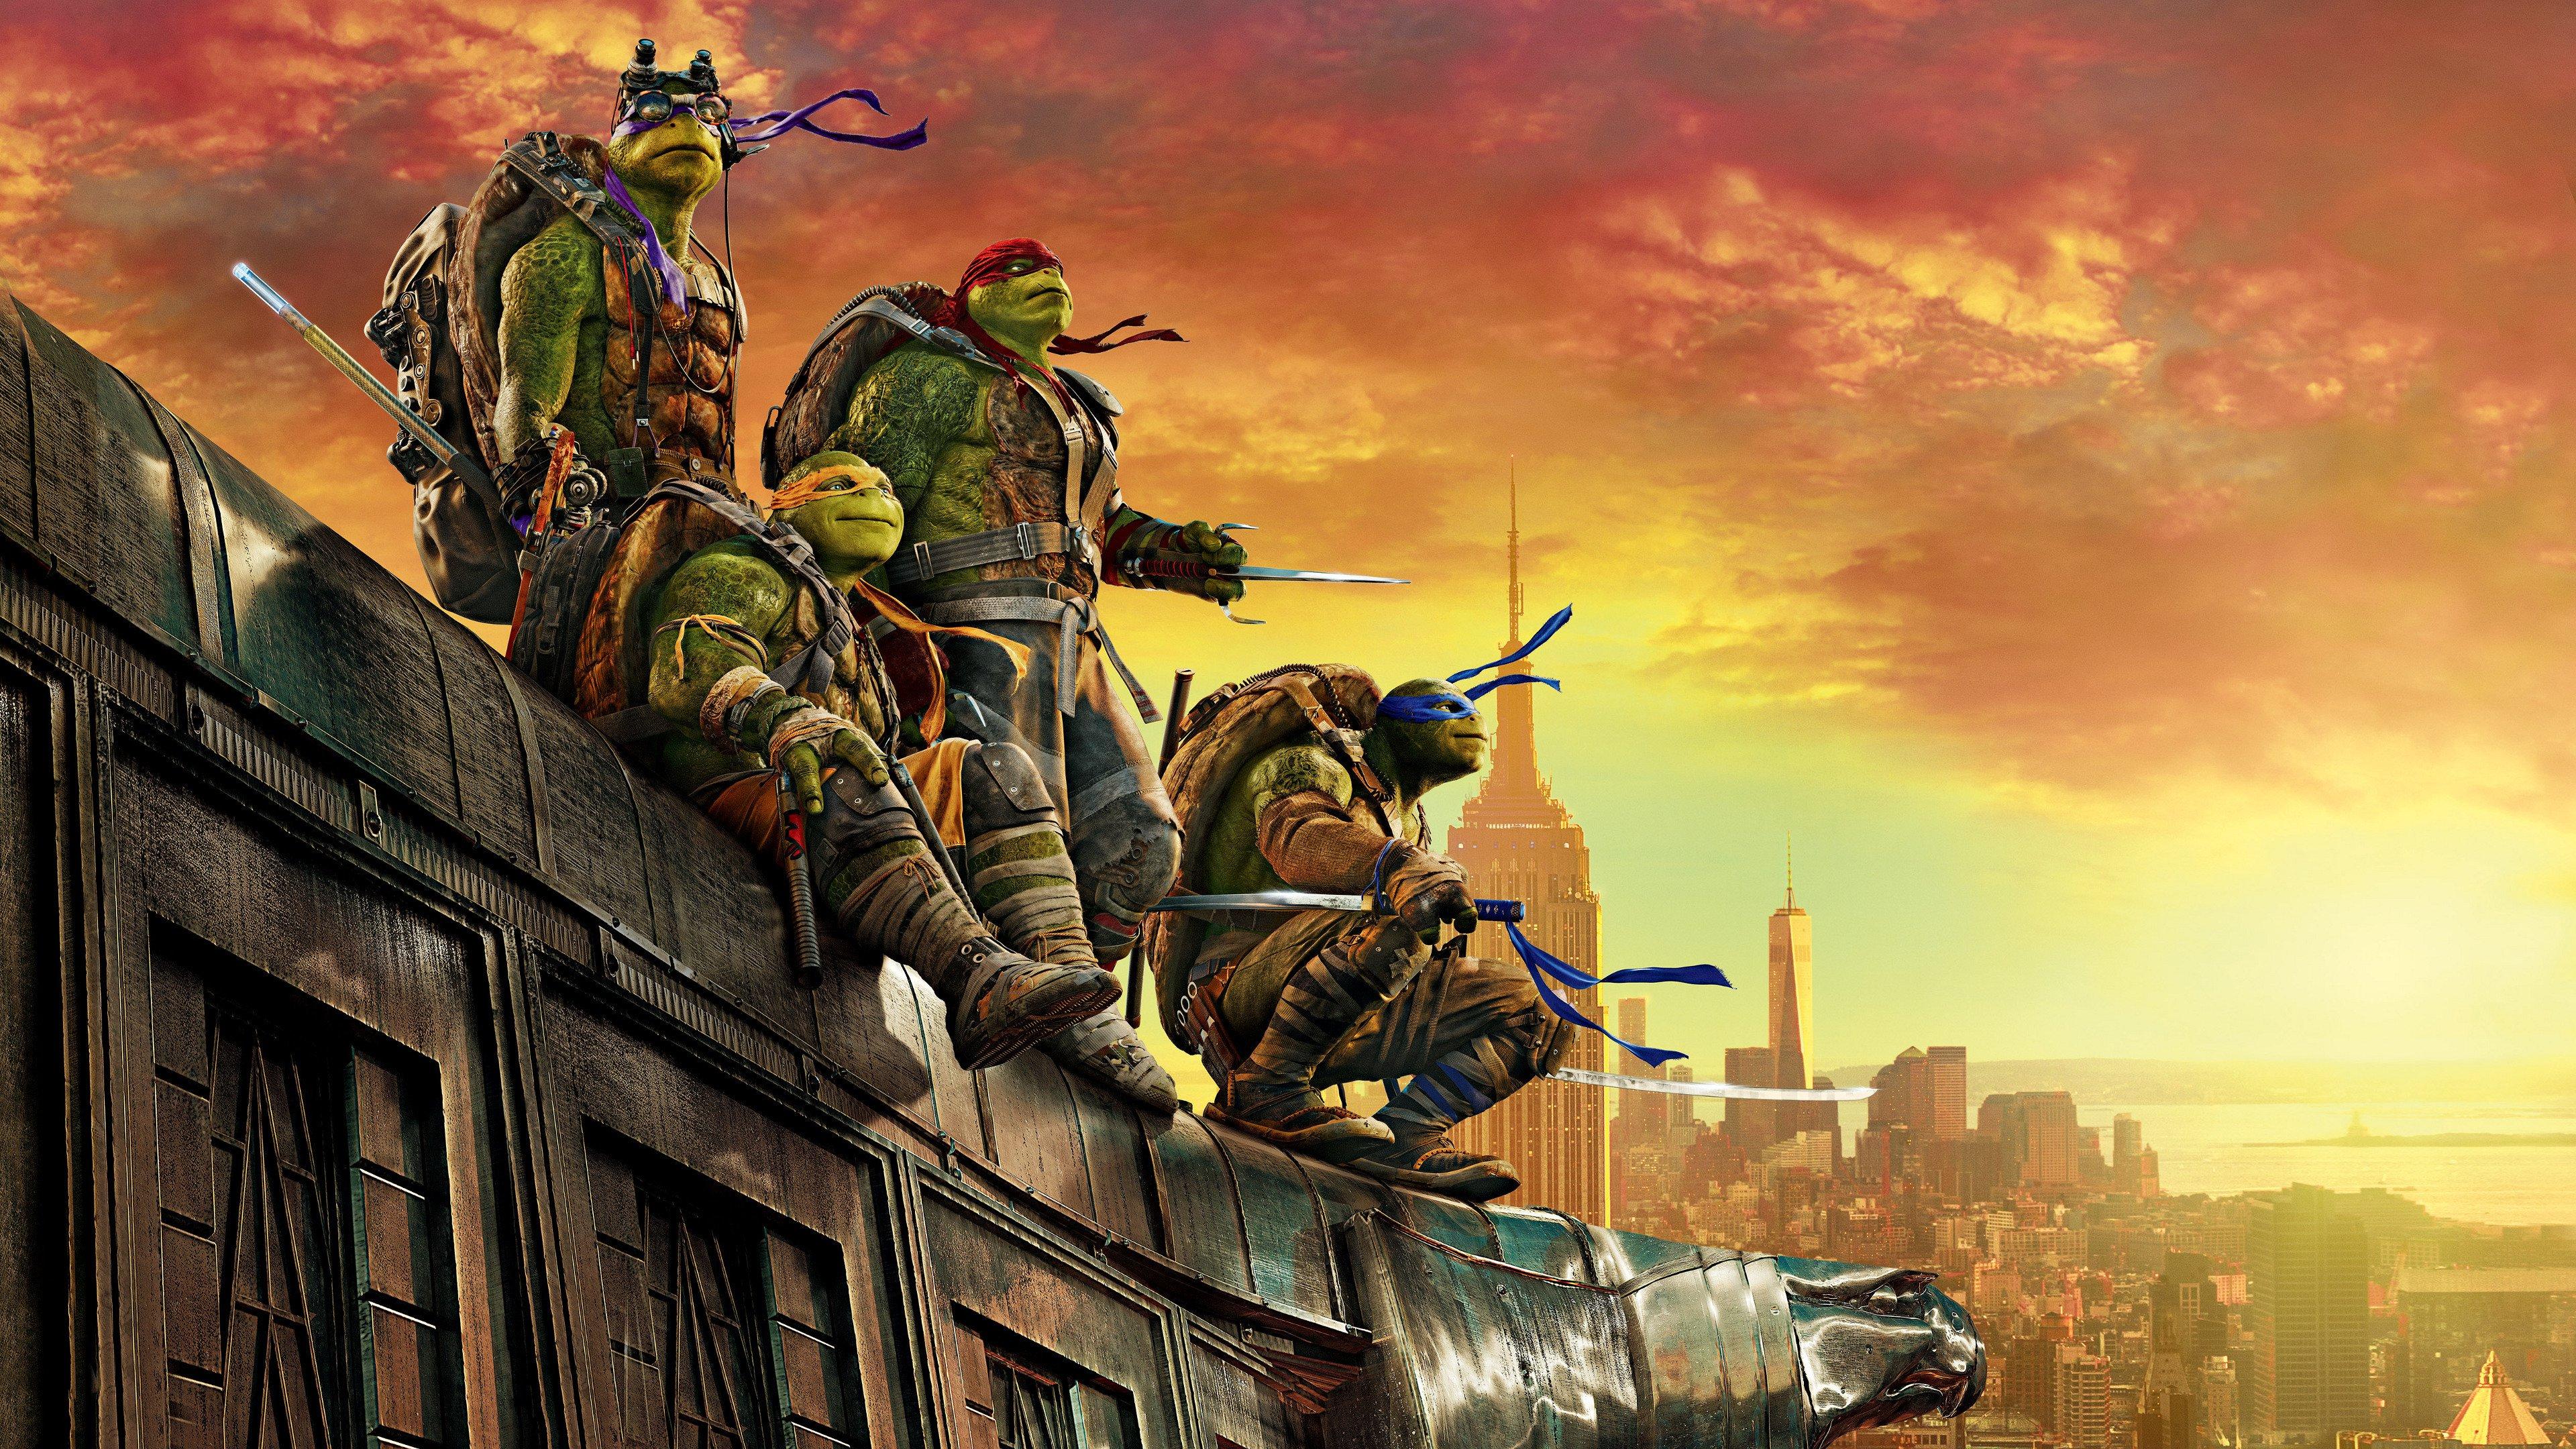 Regarder Ninja Turtles 2 en streaming gratuit